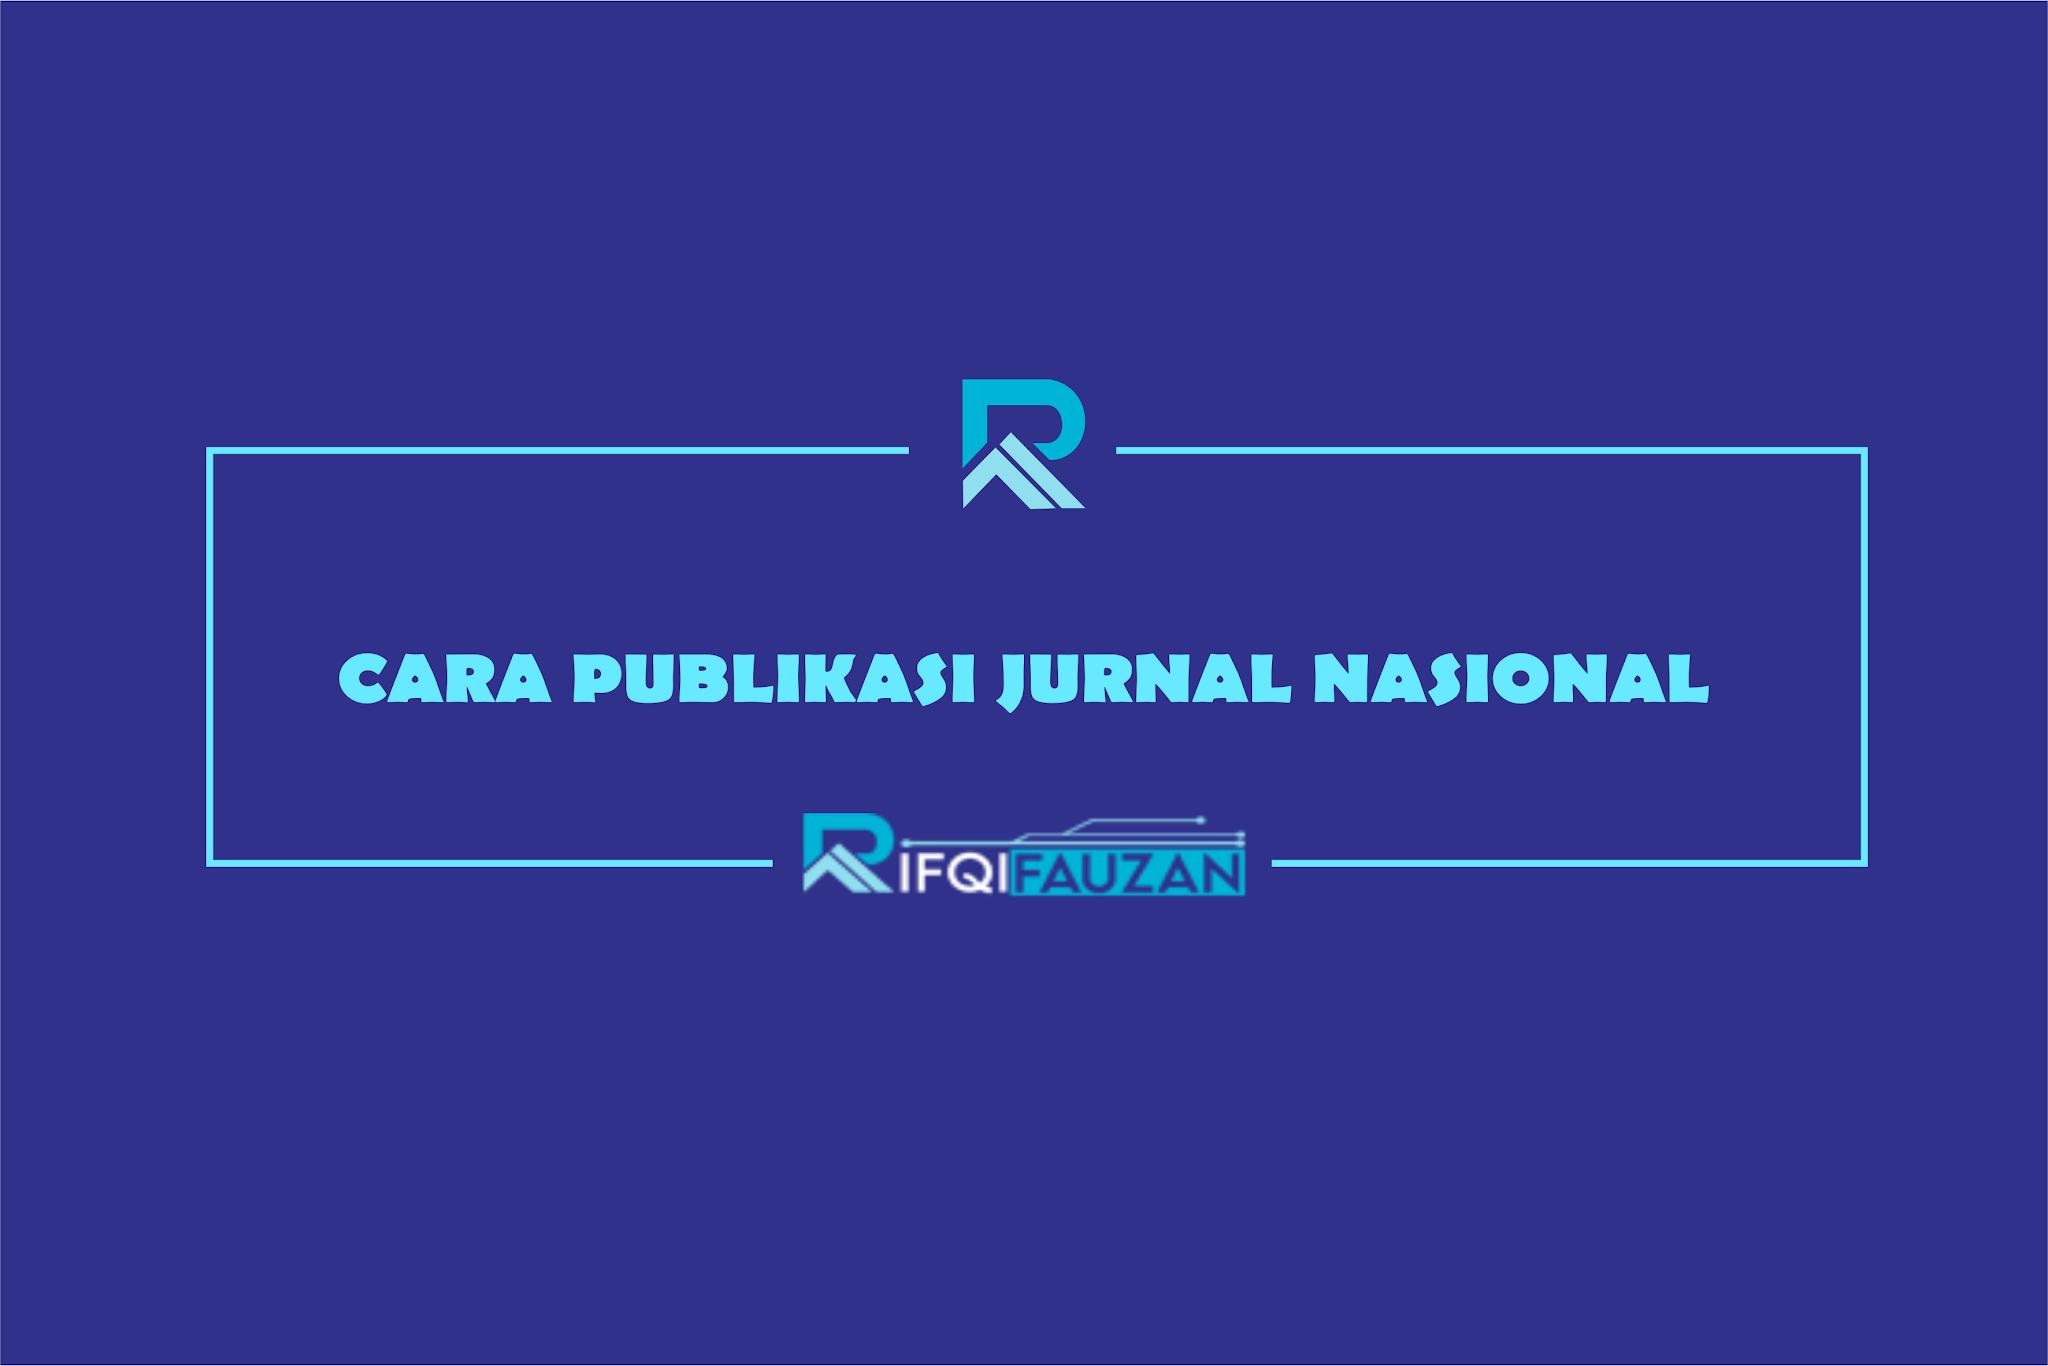 PEDOMAN TATA CARA PUBLIKASI JURNAL NASIONAL TERAKREDITASI